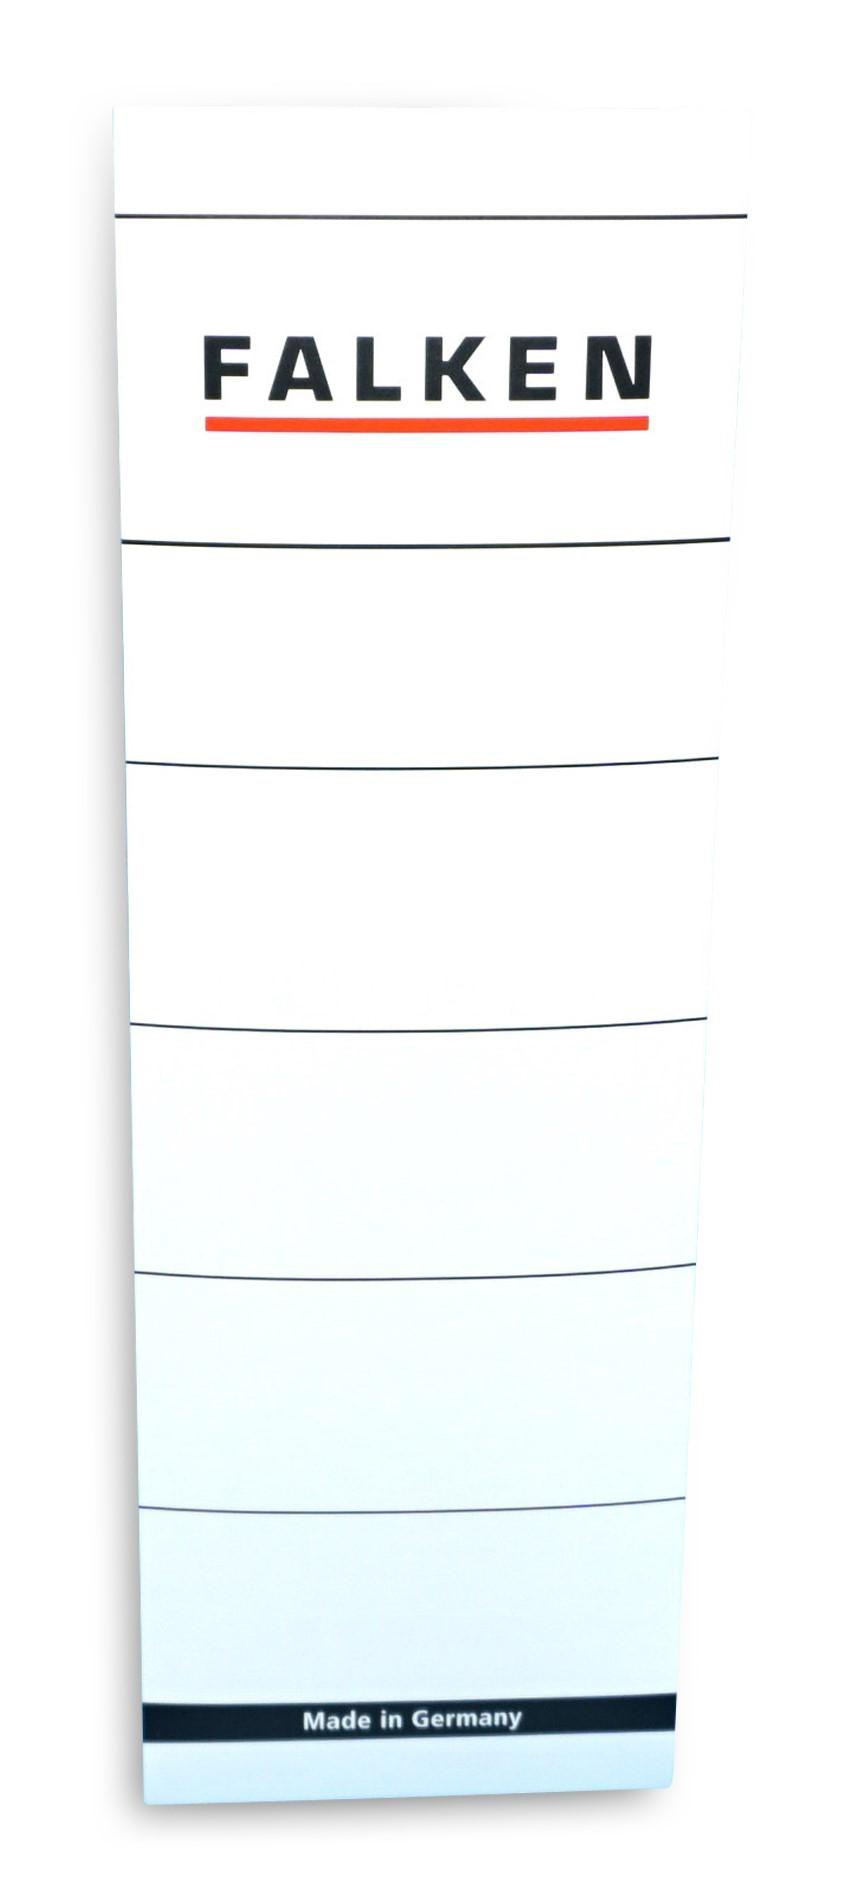 Falken  Ordnerrücken breit, selbstklebend, 10 Stück